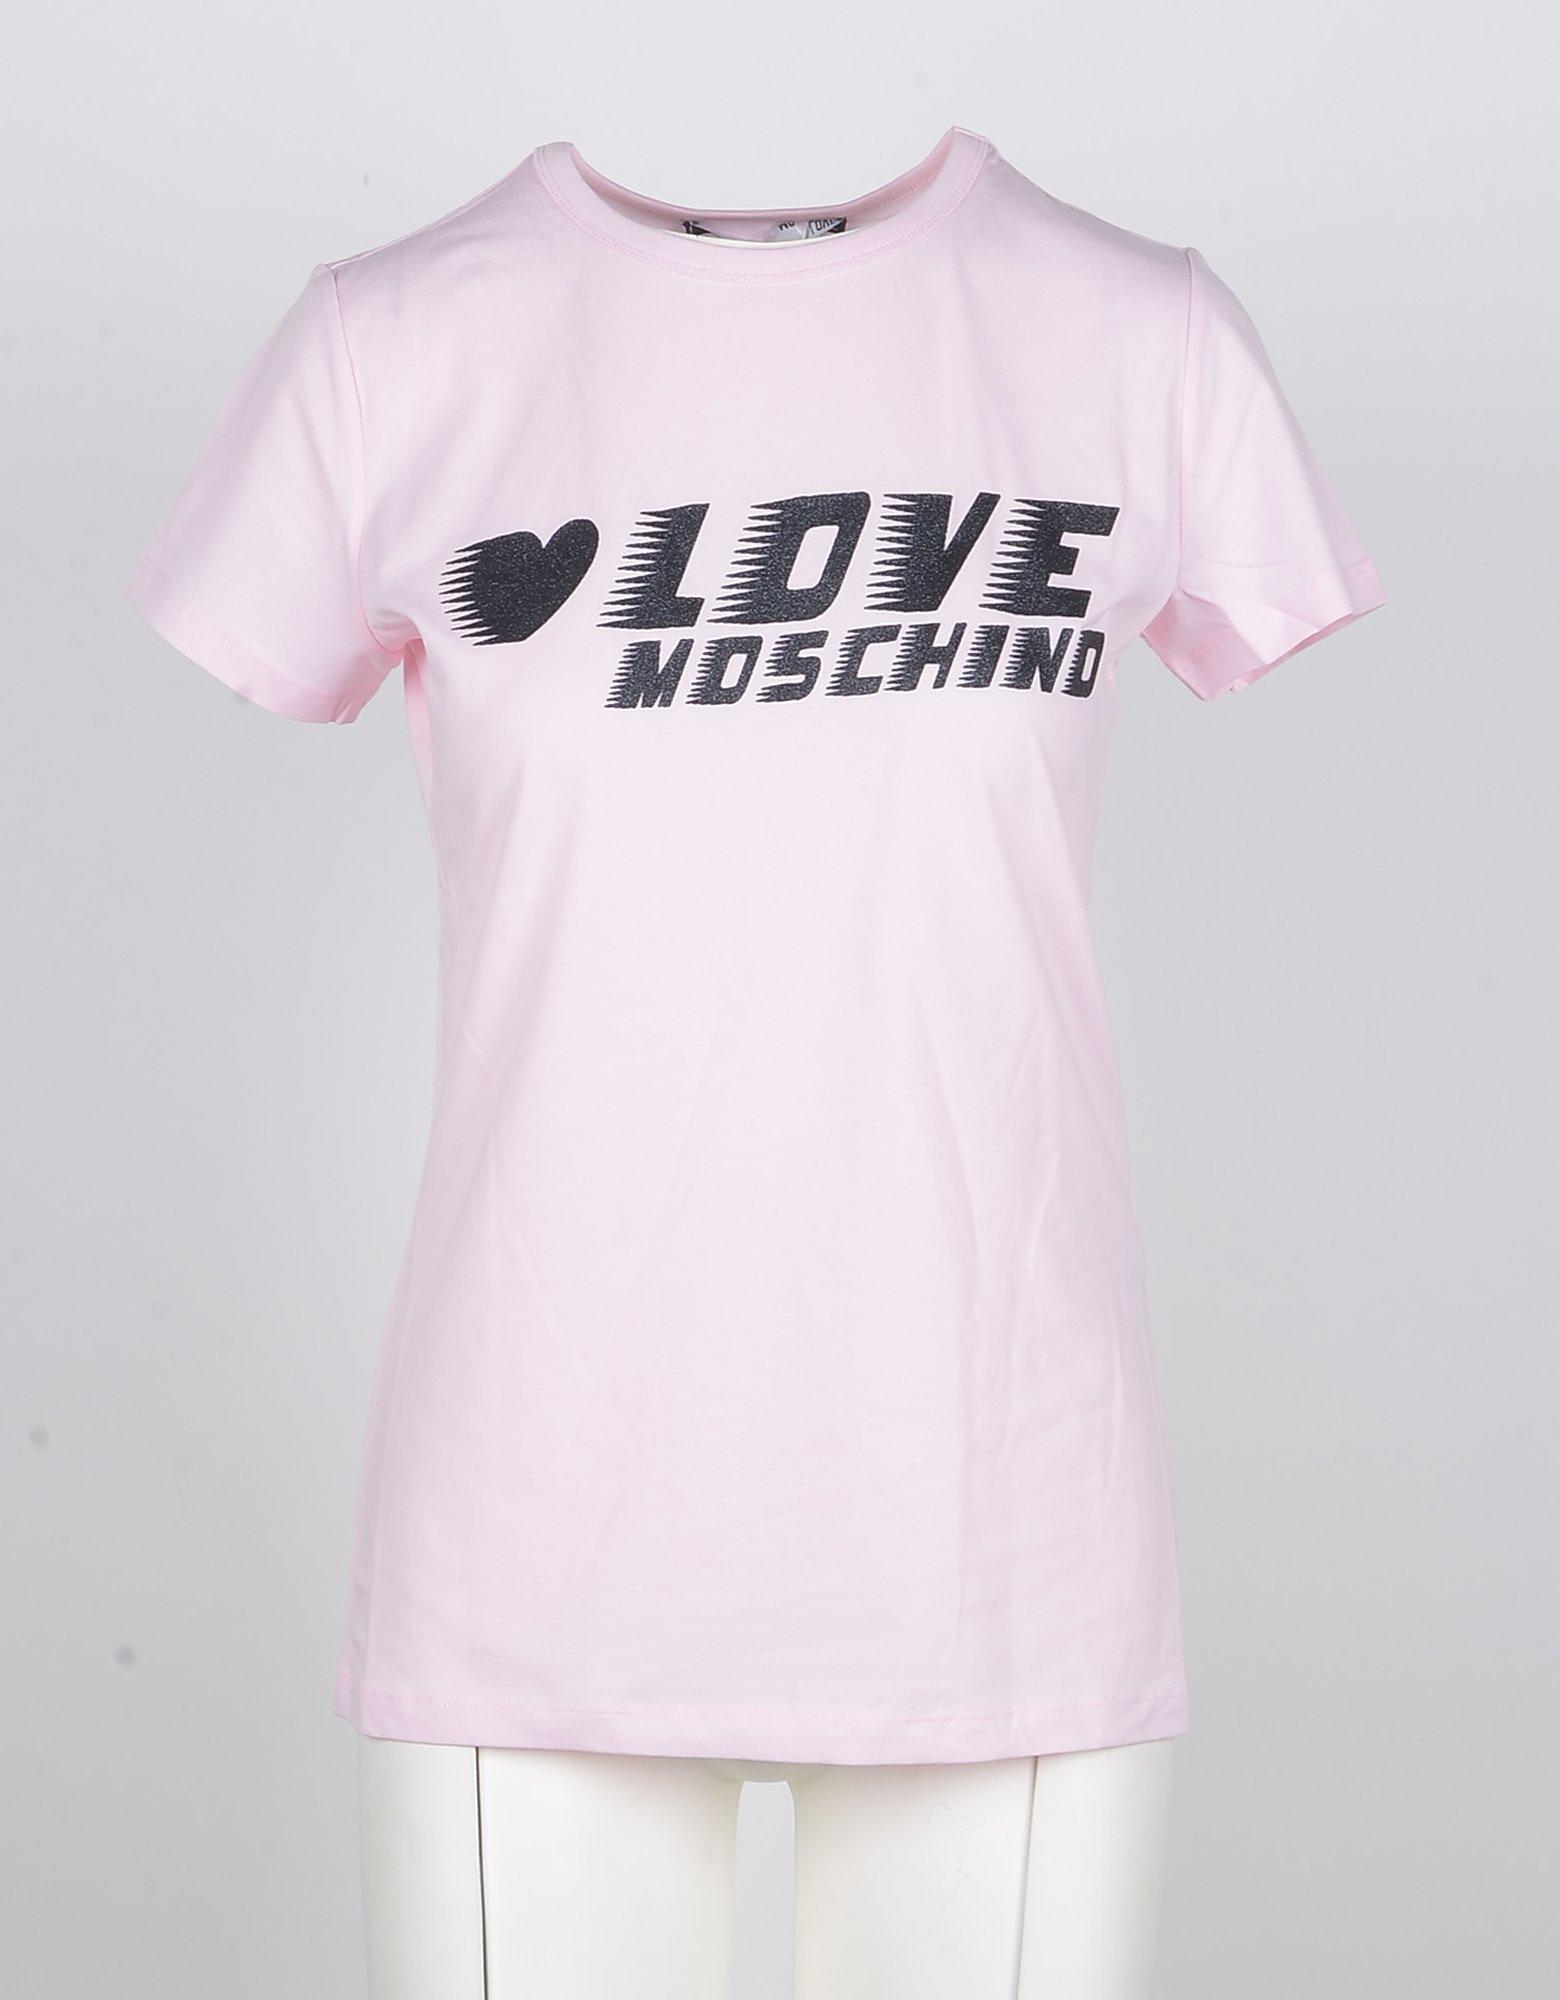 Love Moschino Designer T-Shirts & Tops, Women's Pink Tshirt